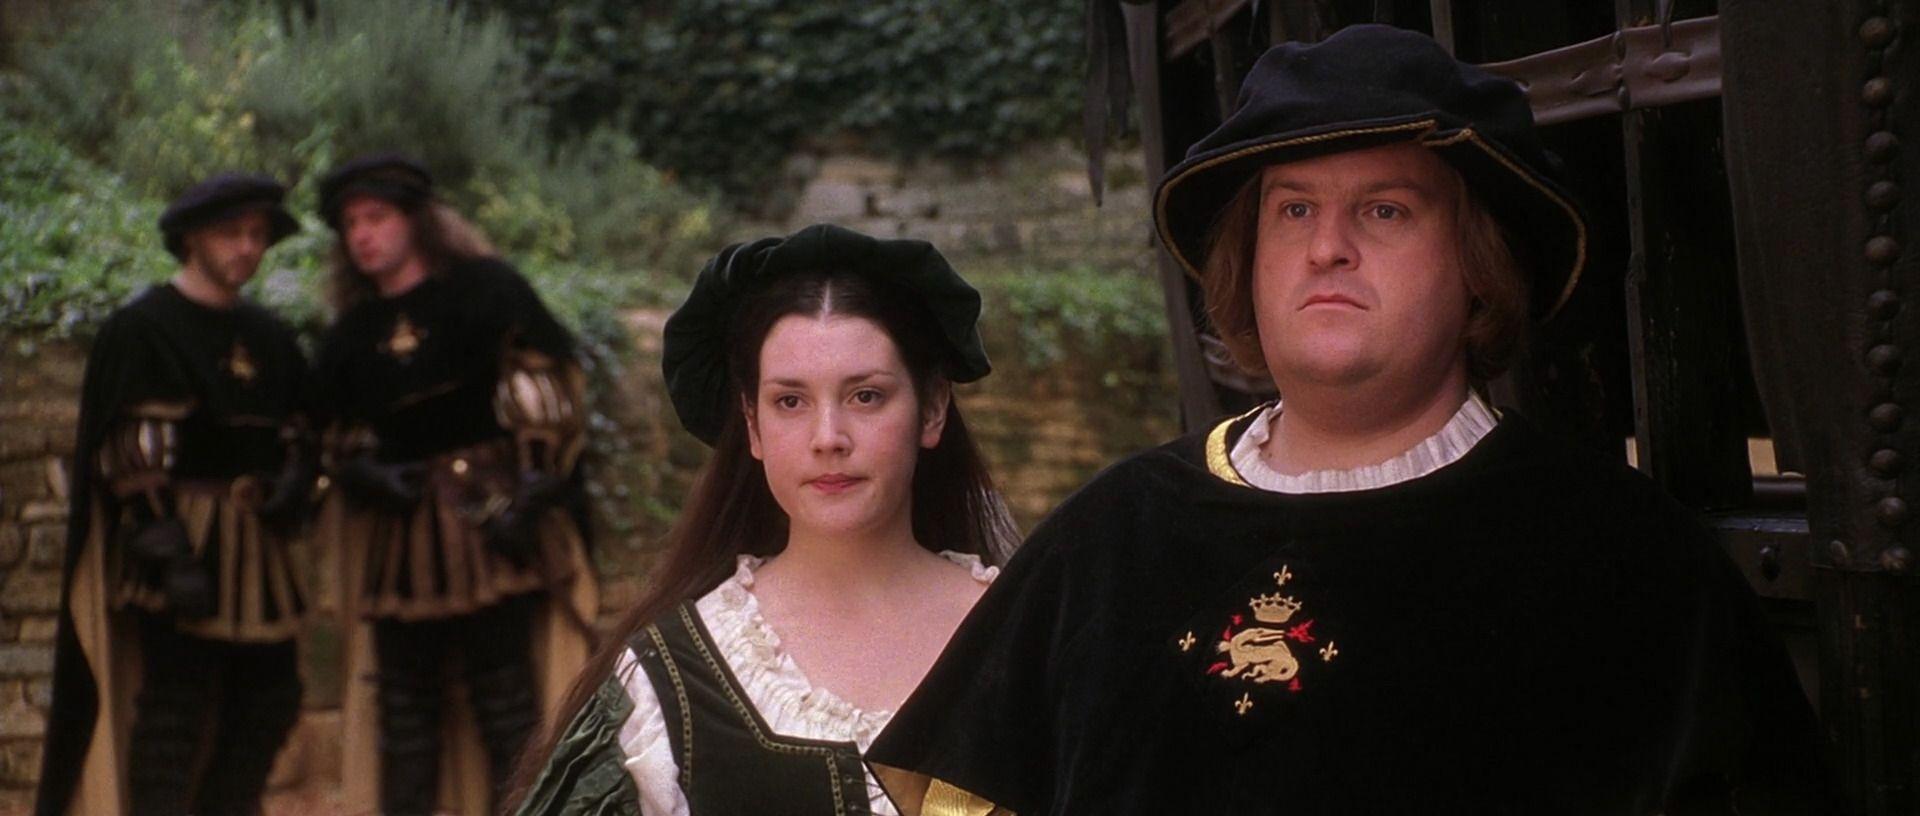 Ever After: A Cinderella Story (1998) - Movie Screencaps.com